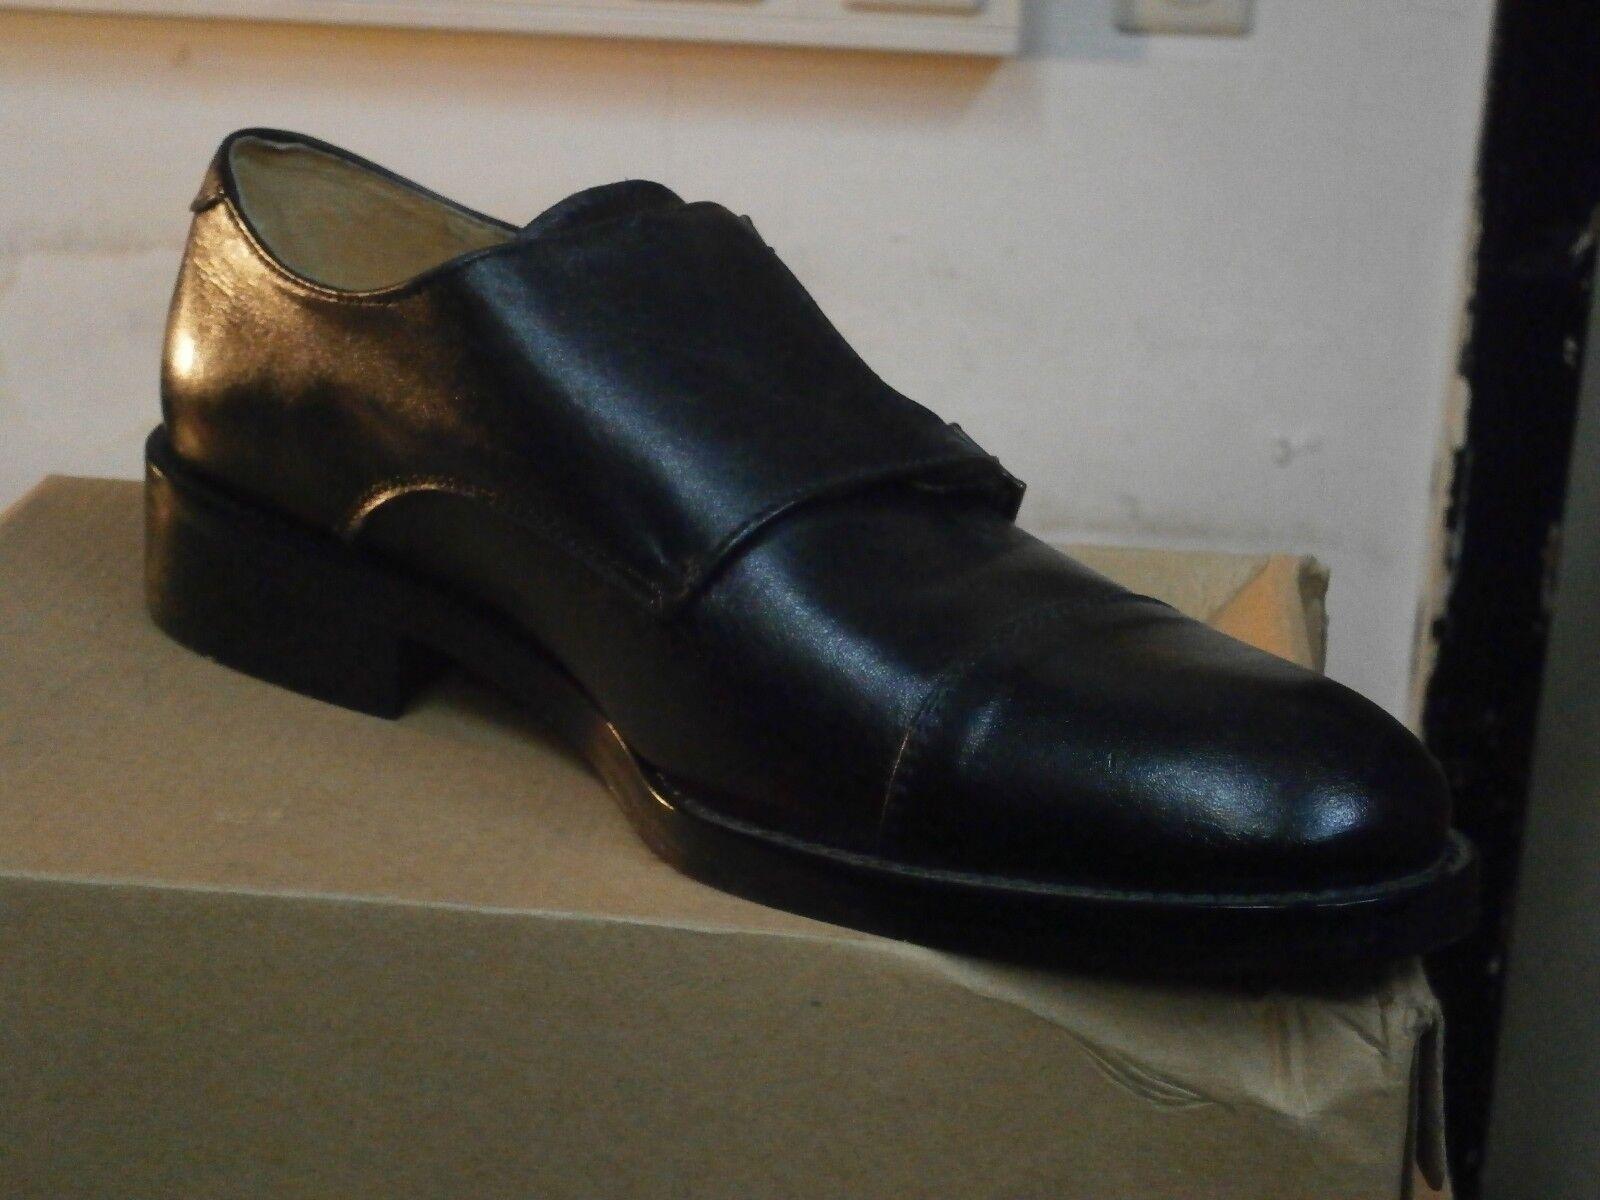 Herren schuhe / Italian shoes,  DAVID VITALE ELEGANT LEDER  SCHUHE.